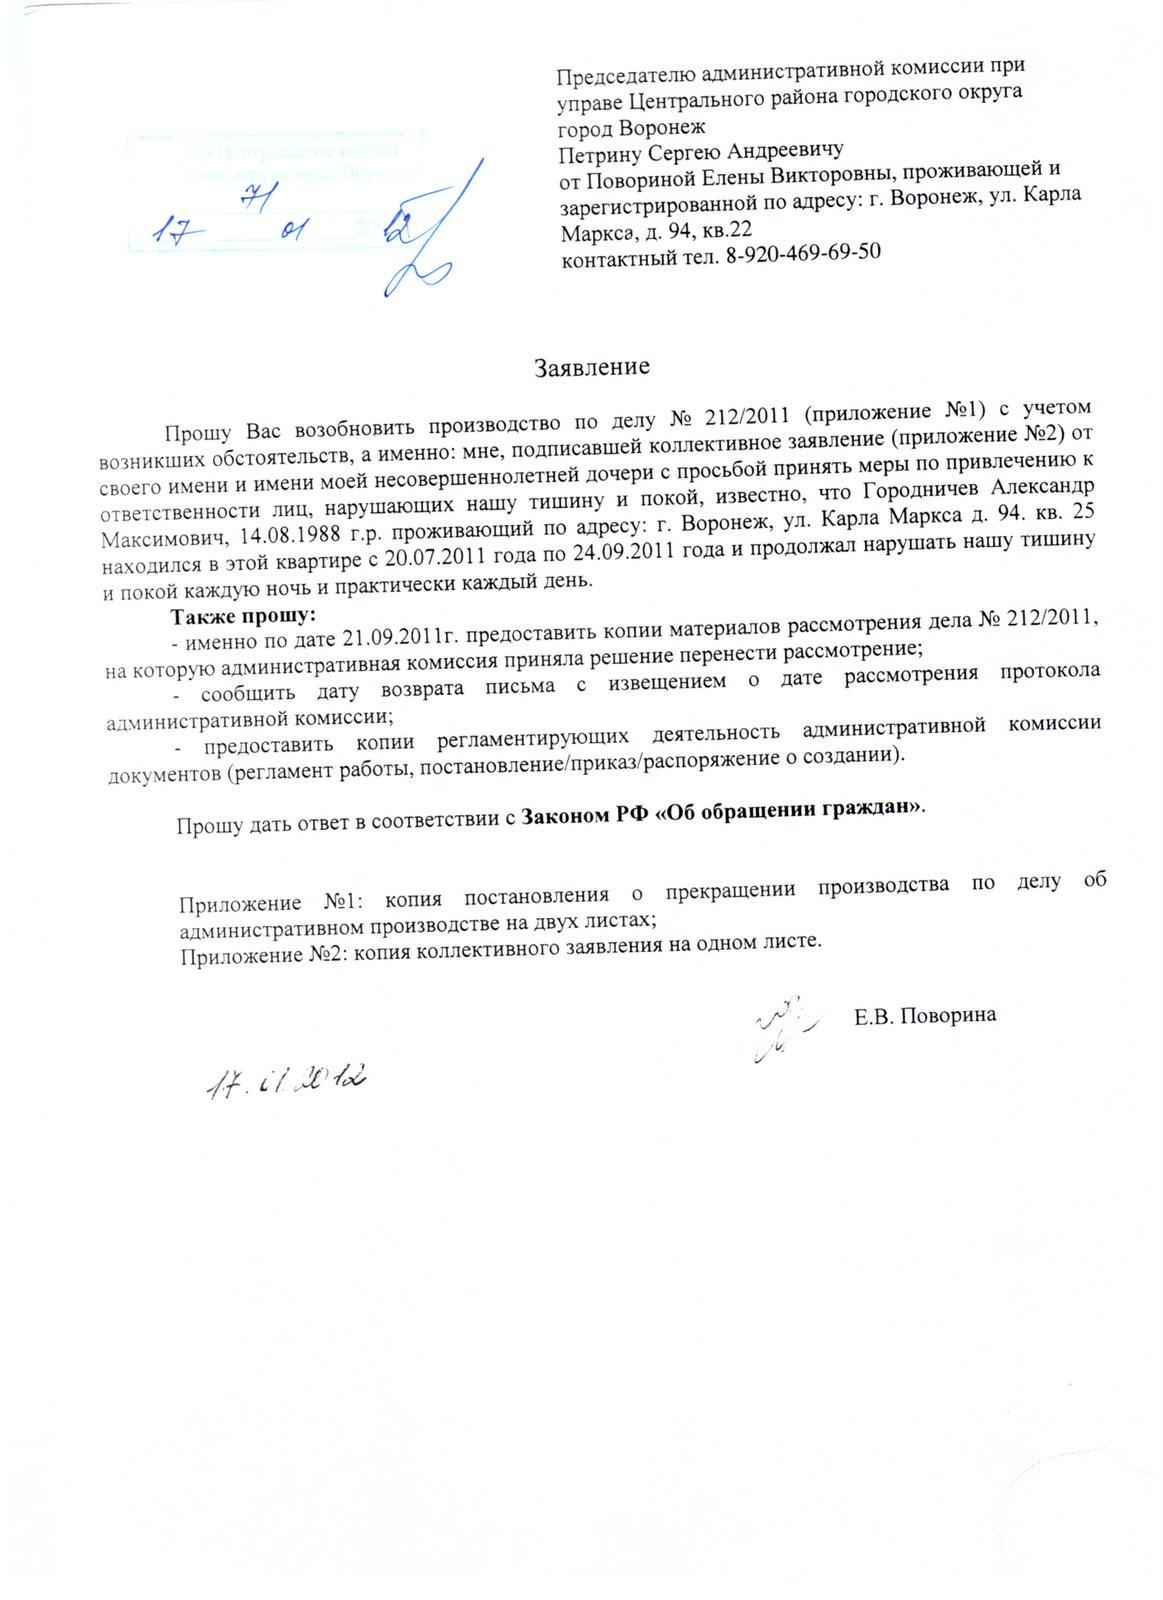 Заявление от 17.01.12 в Управу центрального района Воронежа